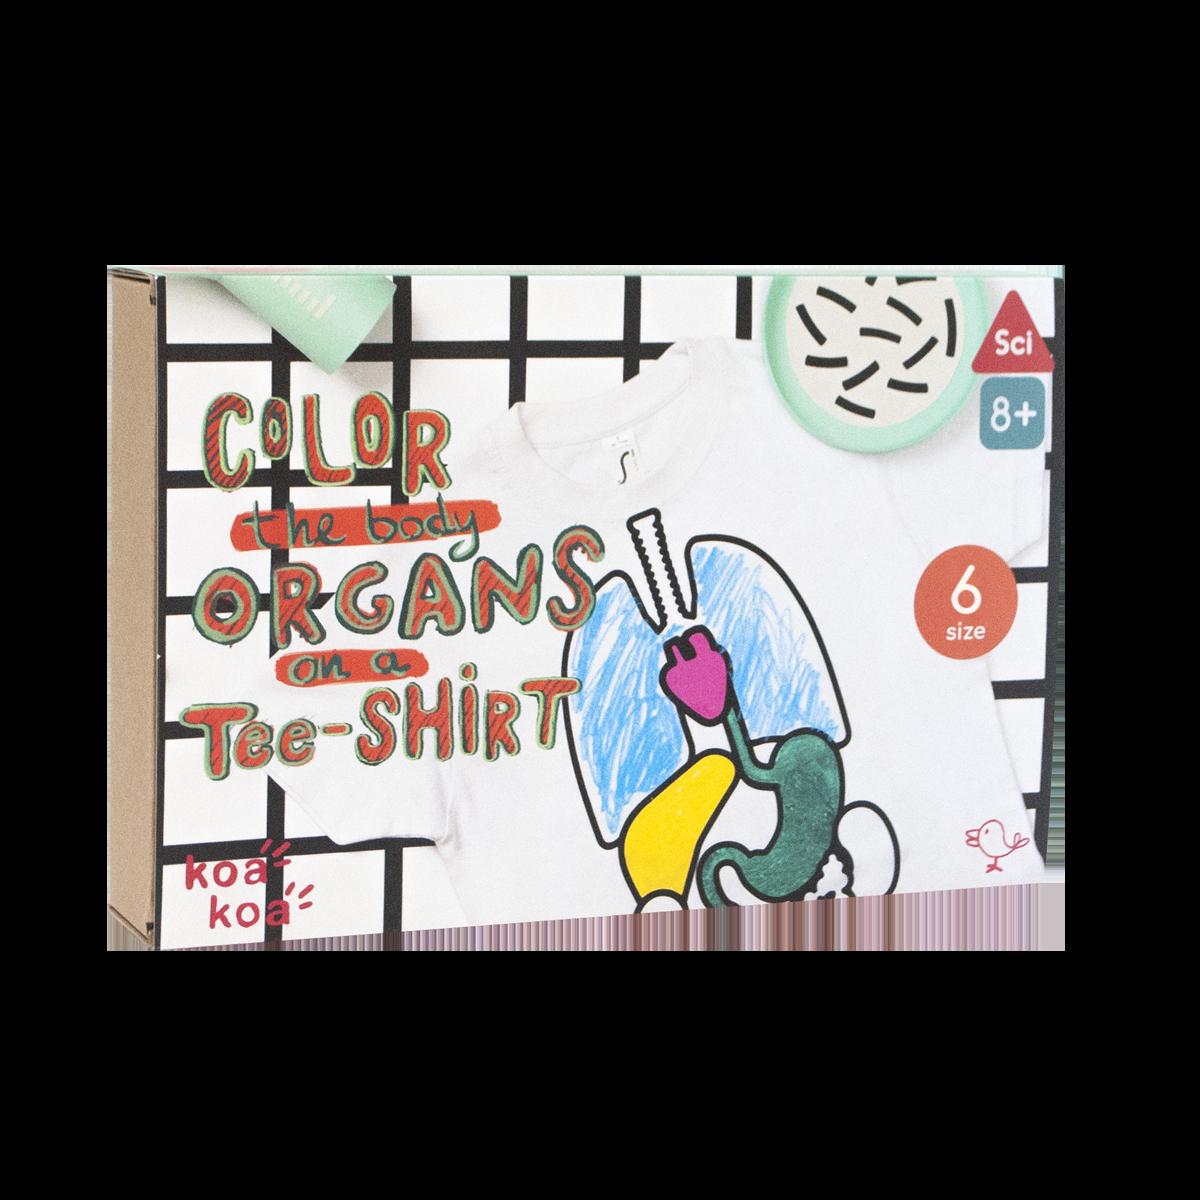 Imagen de Kit de actividades -Colorea tus órganos en una camiseta- Talla 6 años